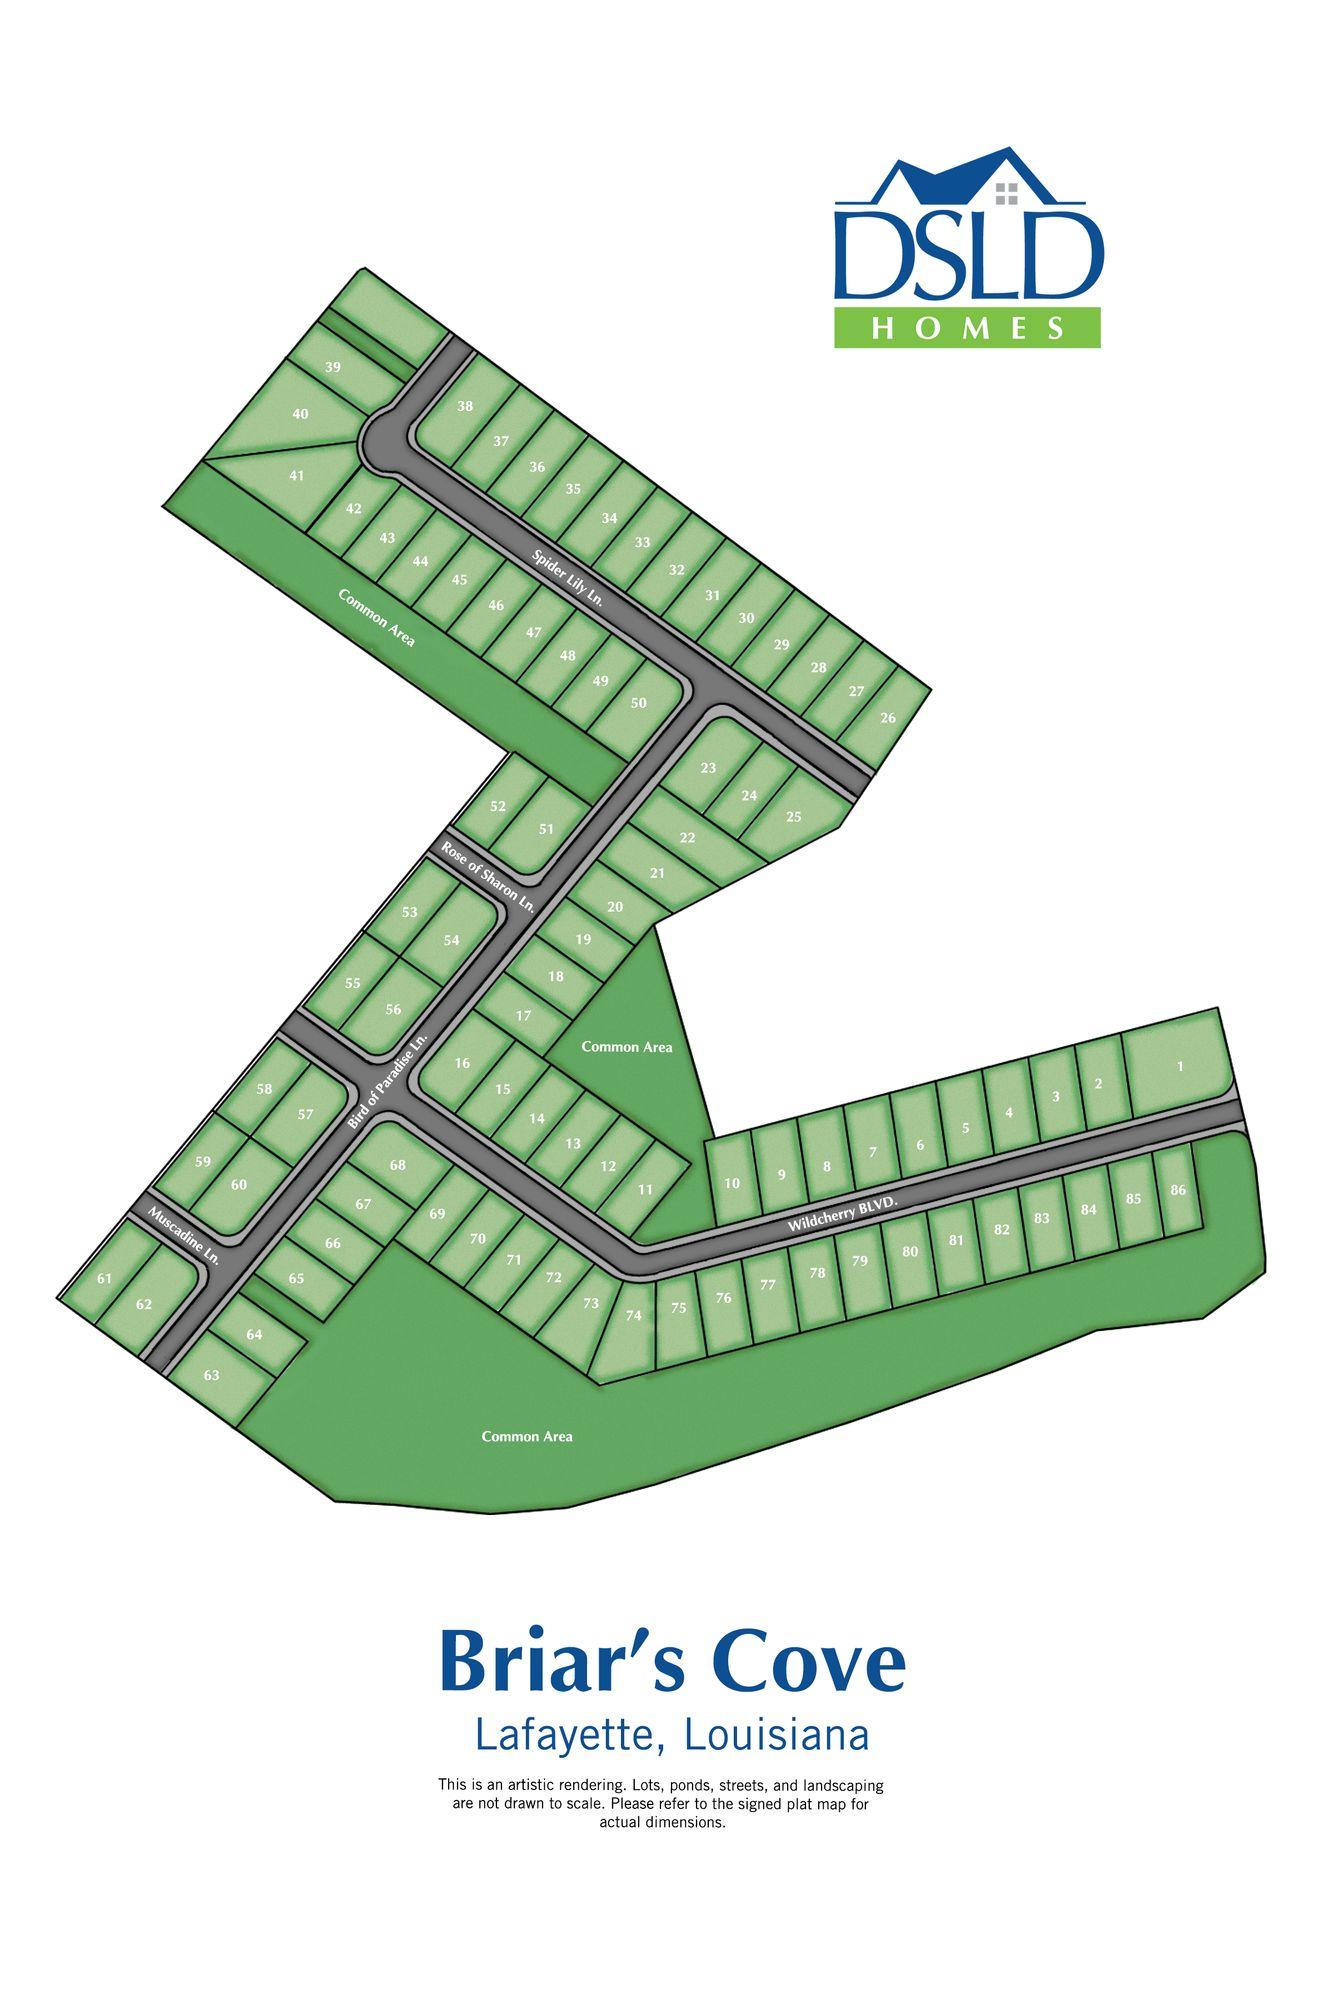 Briar's Cove